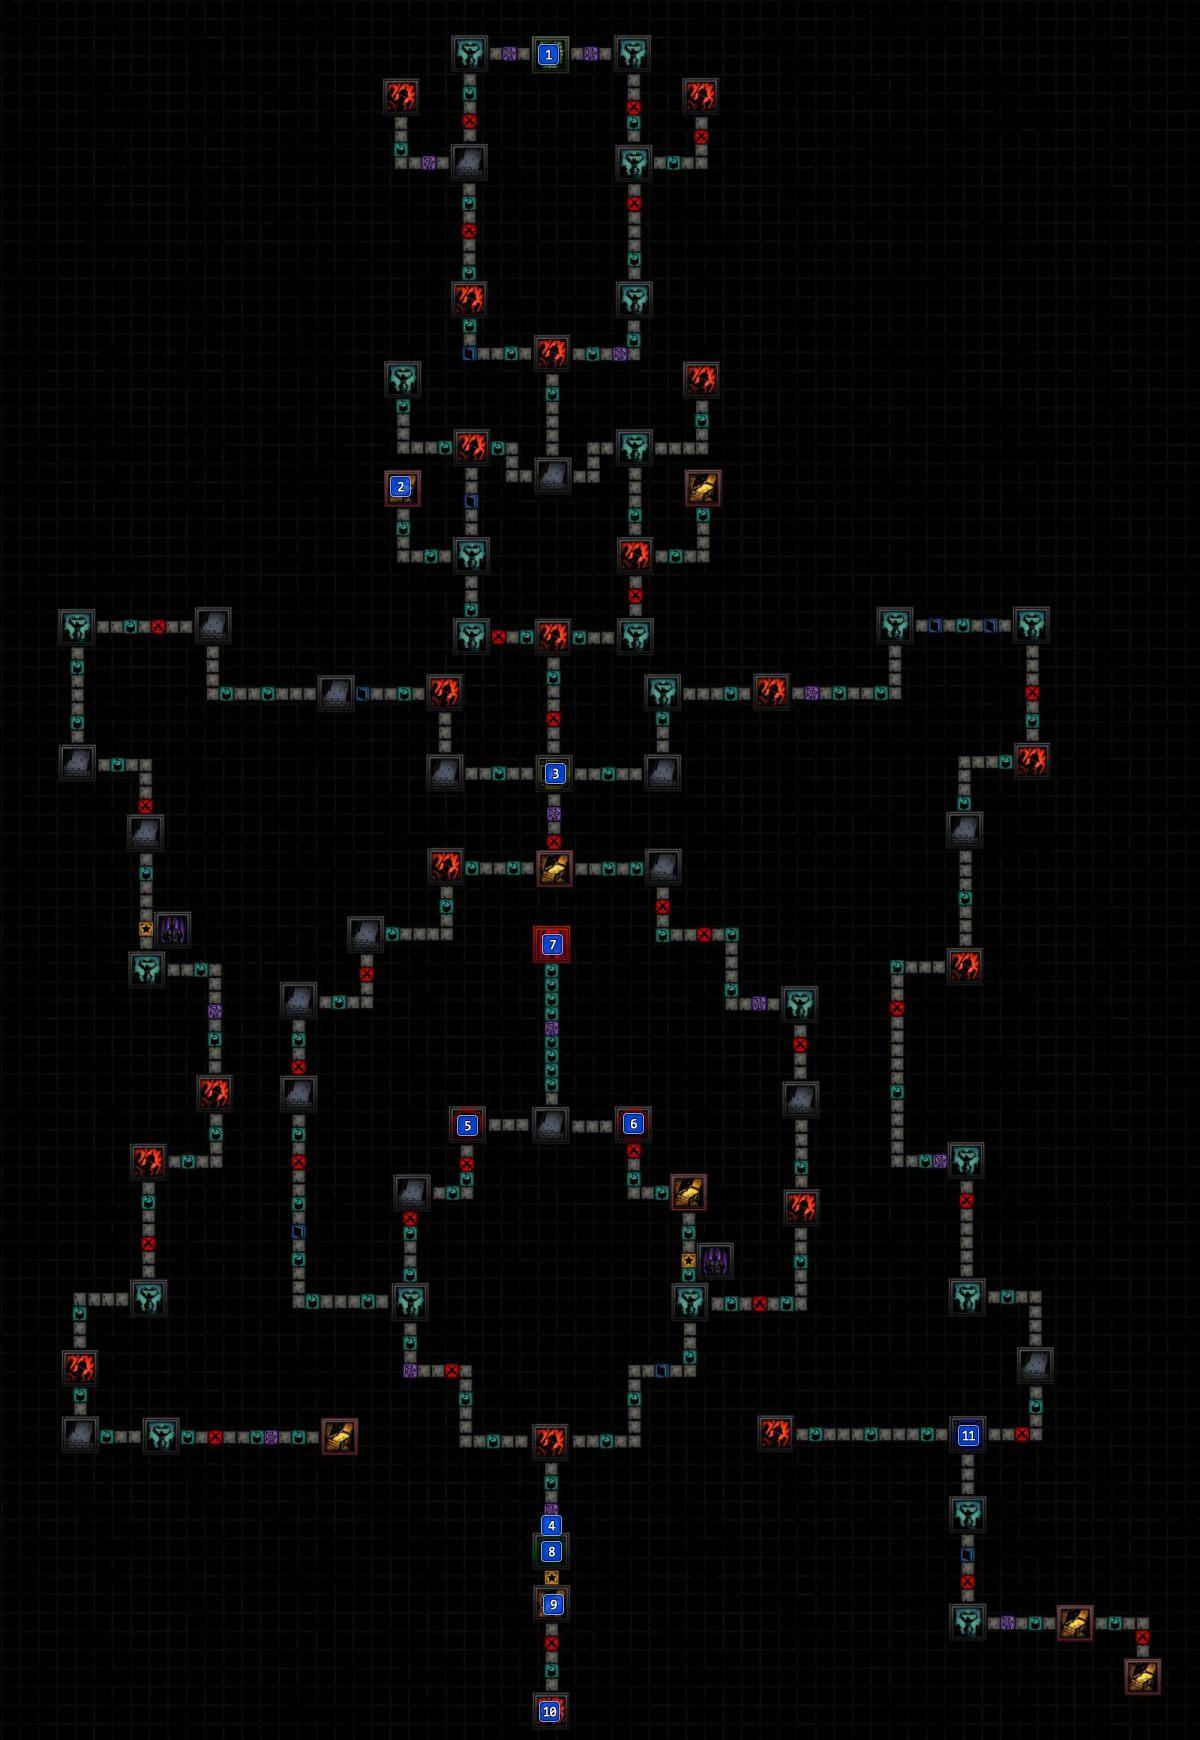 Darkest Dungeon Crimson Court Map : darkest, dungeon, crimson, court, Mission, Bewitching, Predator, Courtyard, Darkest, Dungeon, Guide, Walkthrough, Gamepressure.com